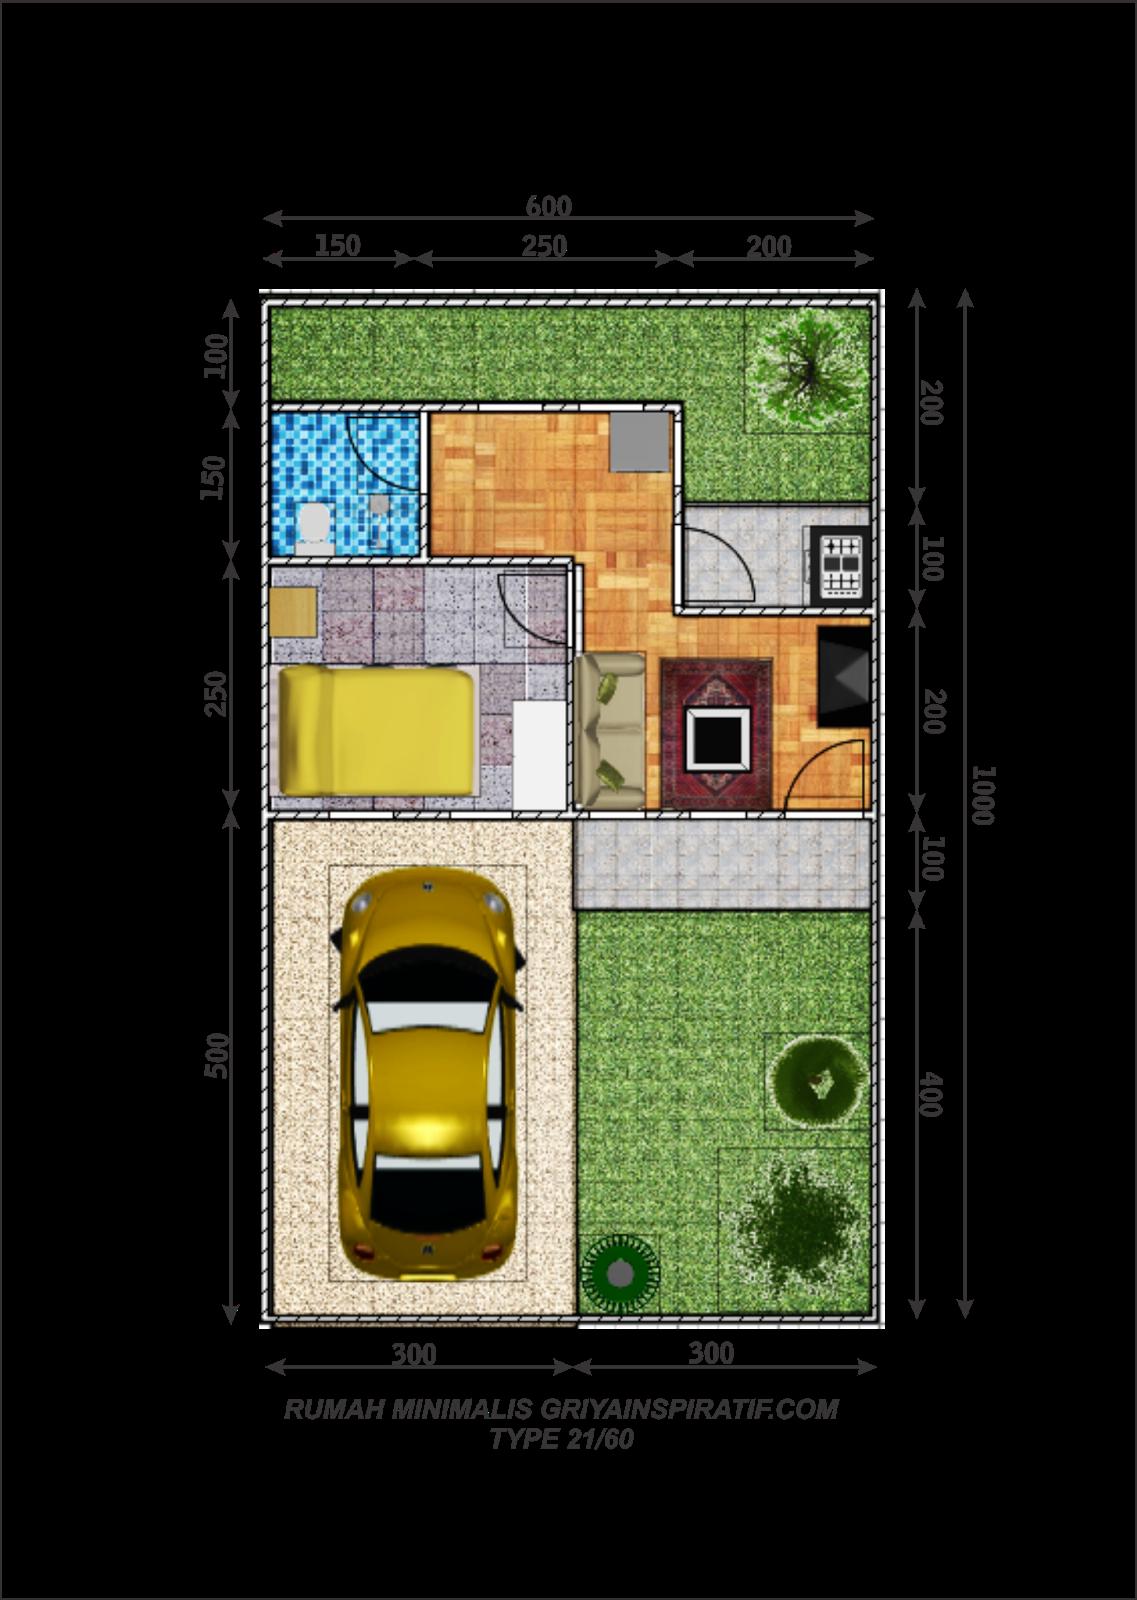 Denah Rumah Type 21 1 Lantai : denah, rumah, lantai, Denah, Rumah, Minimalis, 21/60, Griya, Inspiratif